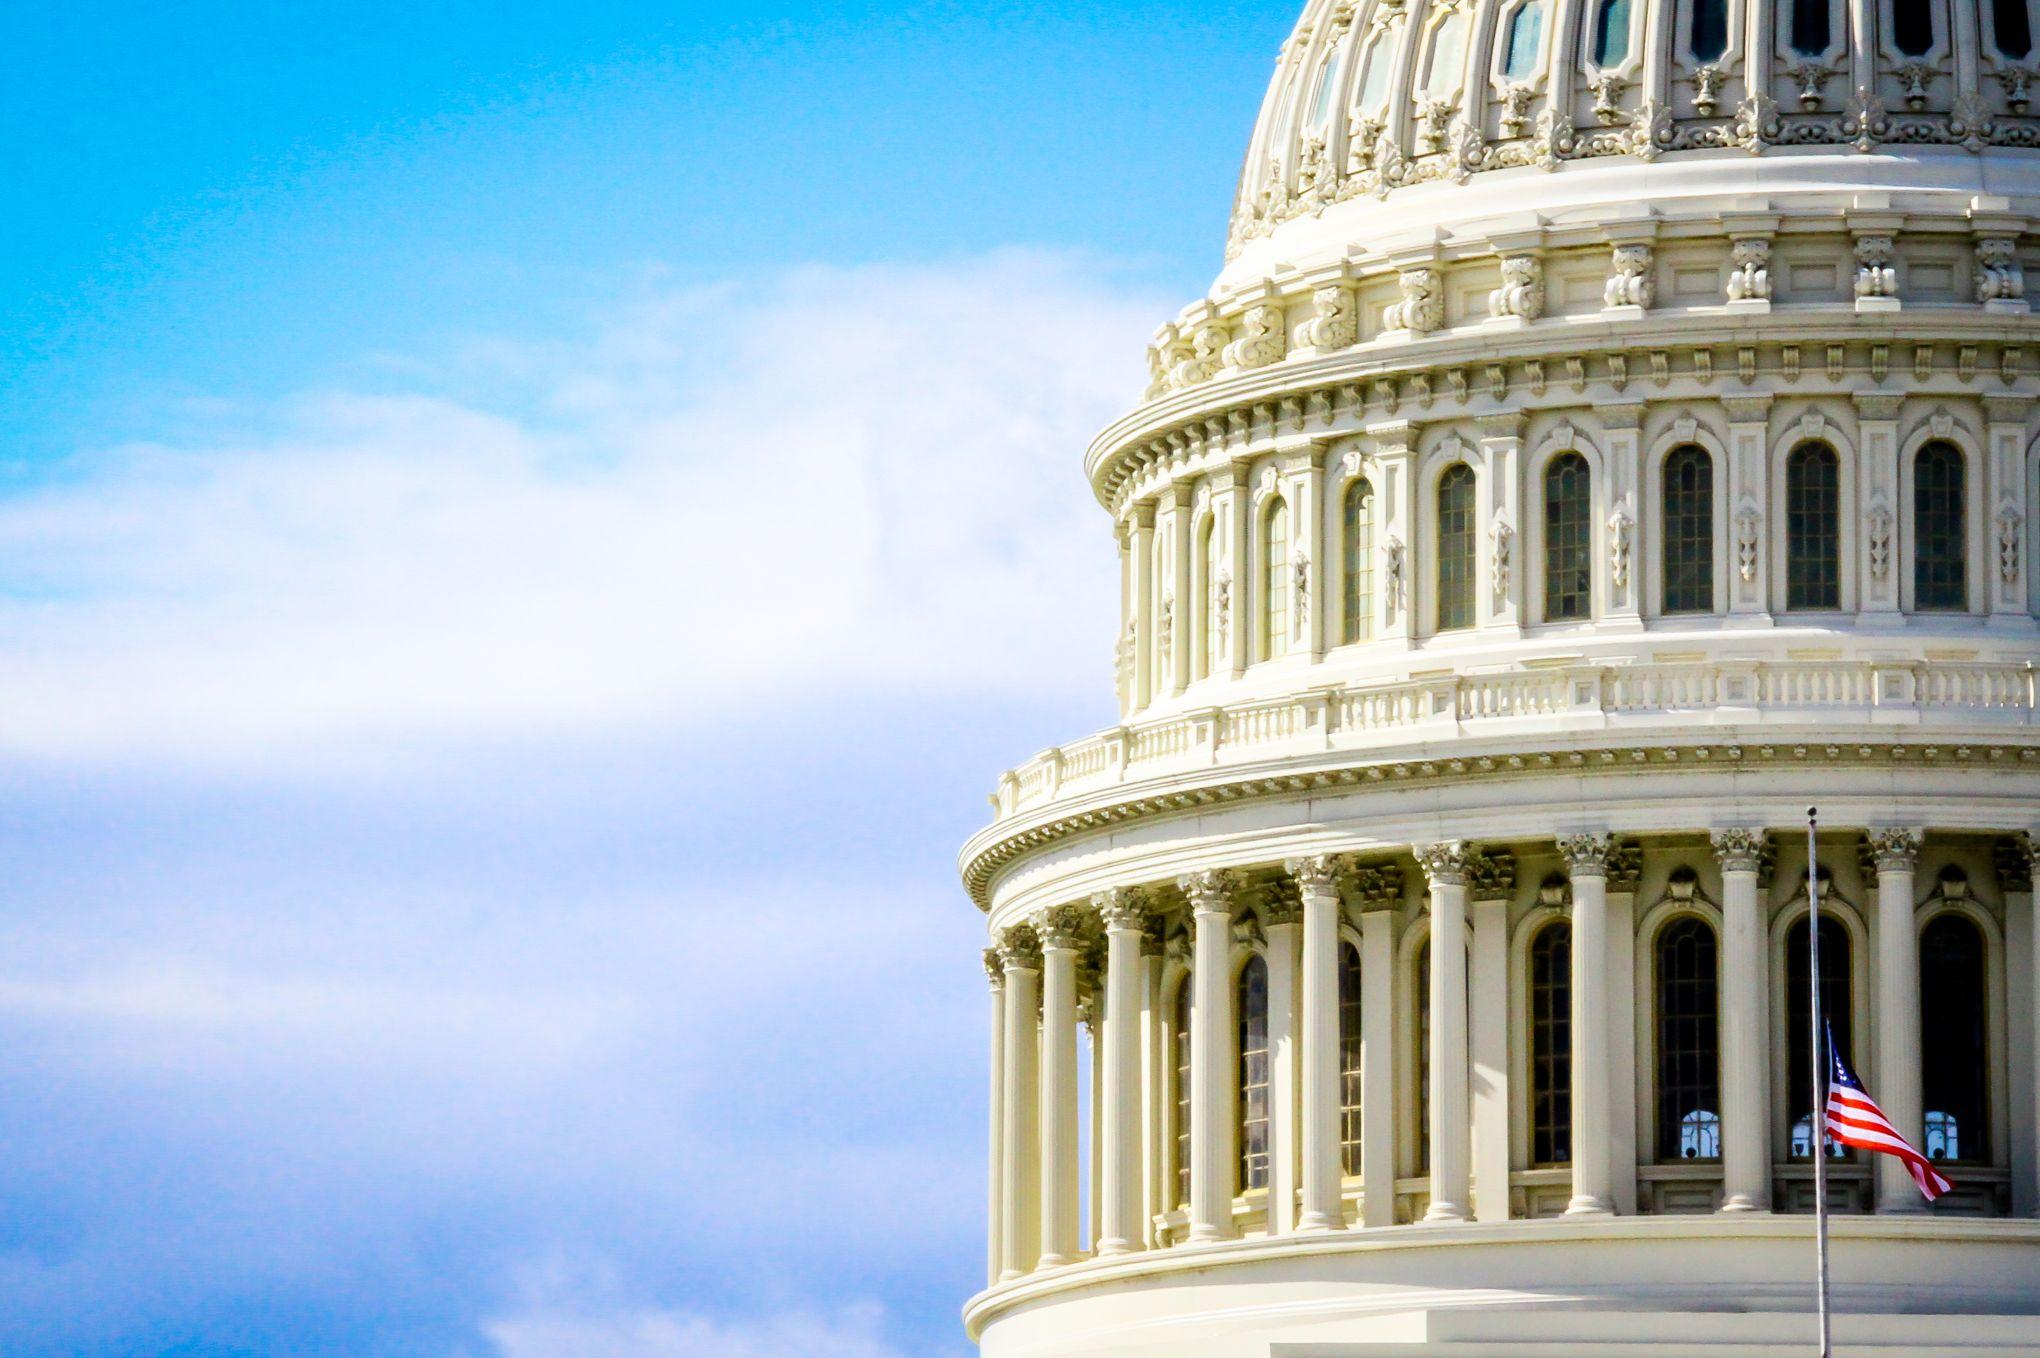 Washington DC gratuit en ligne datant